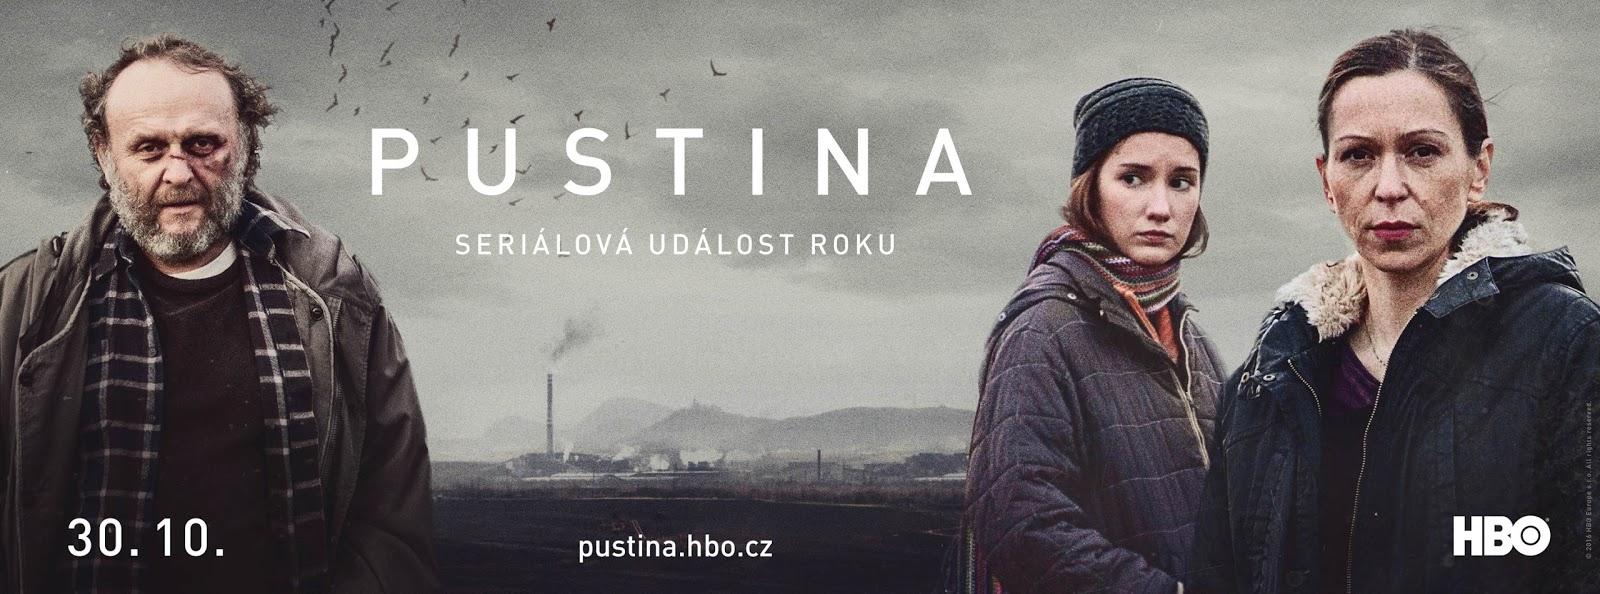 Pustina Temporada 1 Espa&ntildeol Disponible